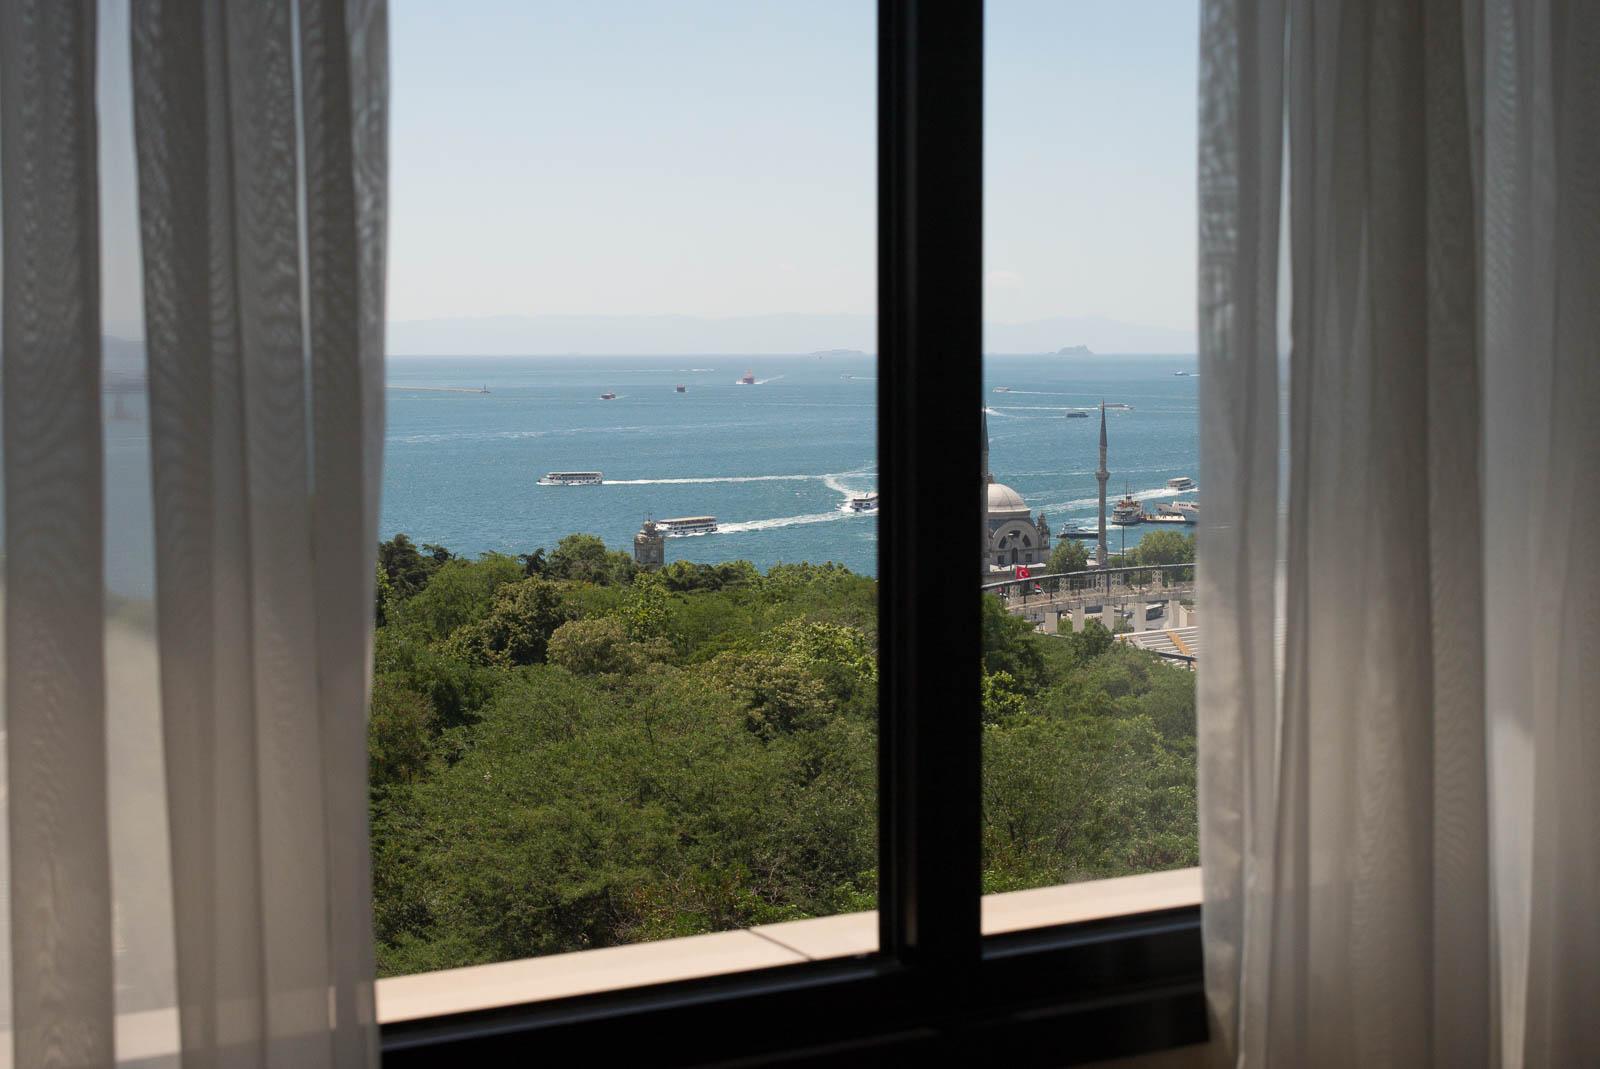 Room 612, Hilton Istanbul, Turkey